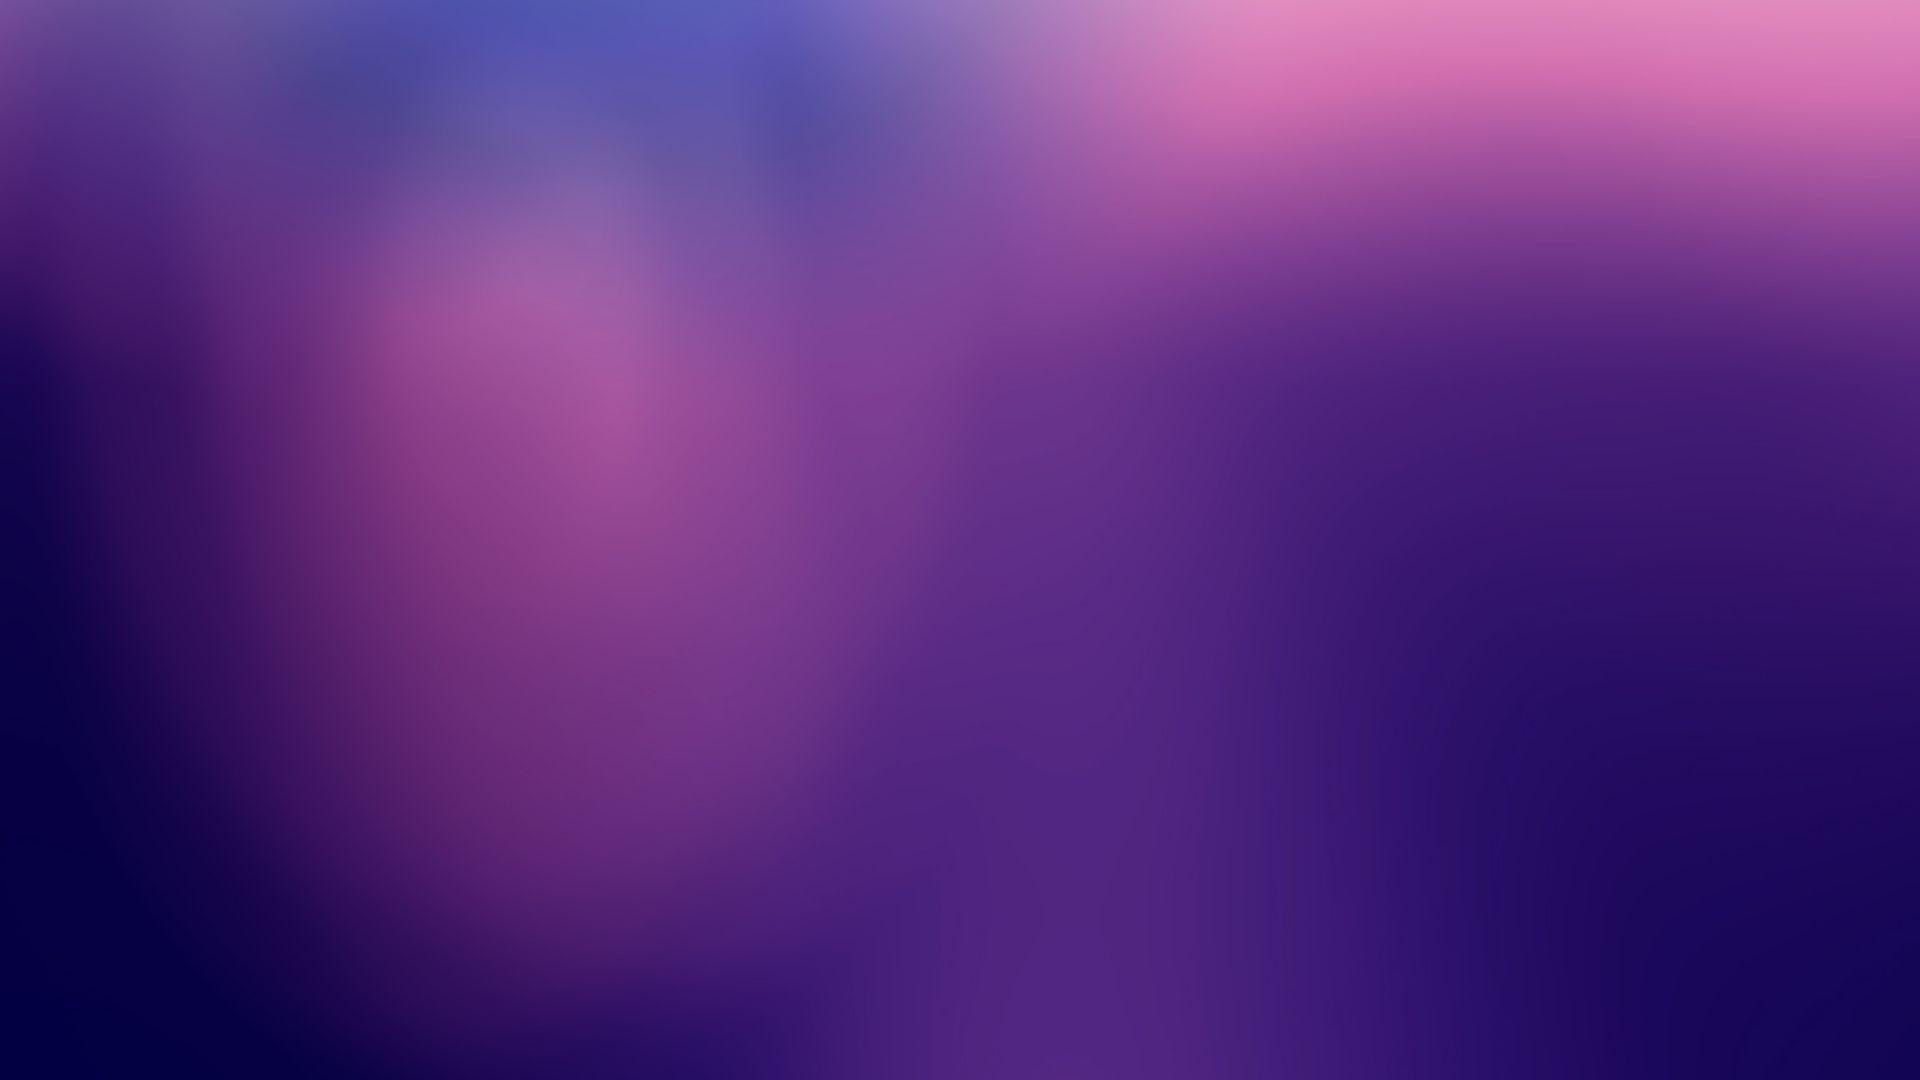 purple purple wallpapers change desktop beautiful